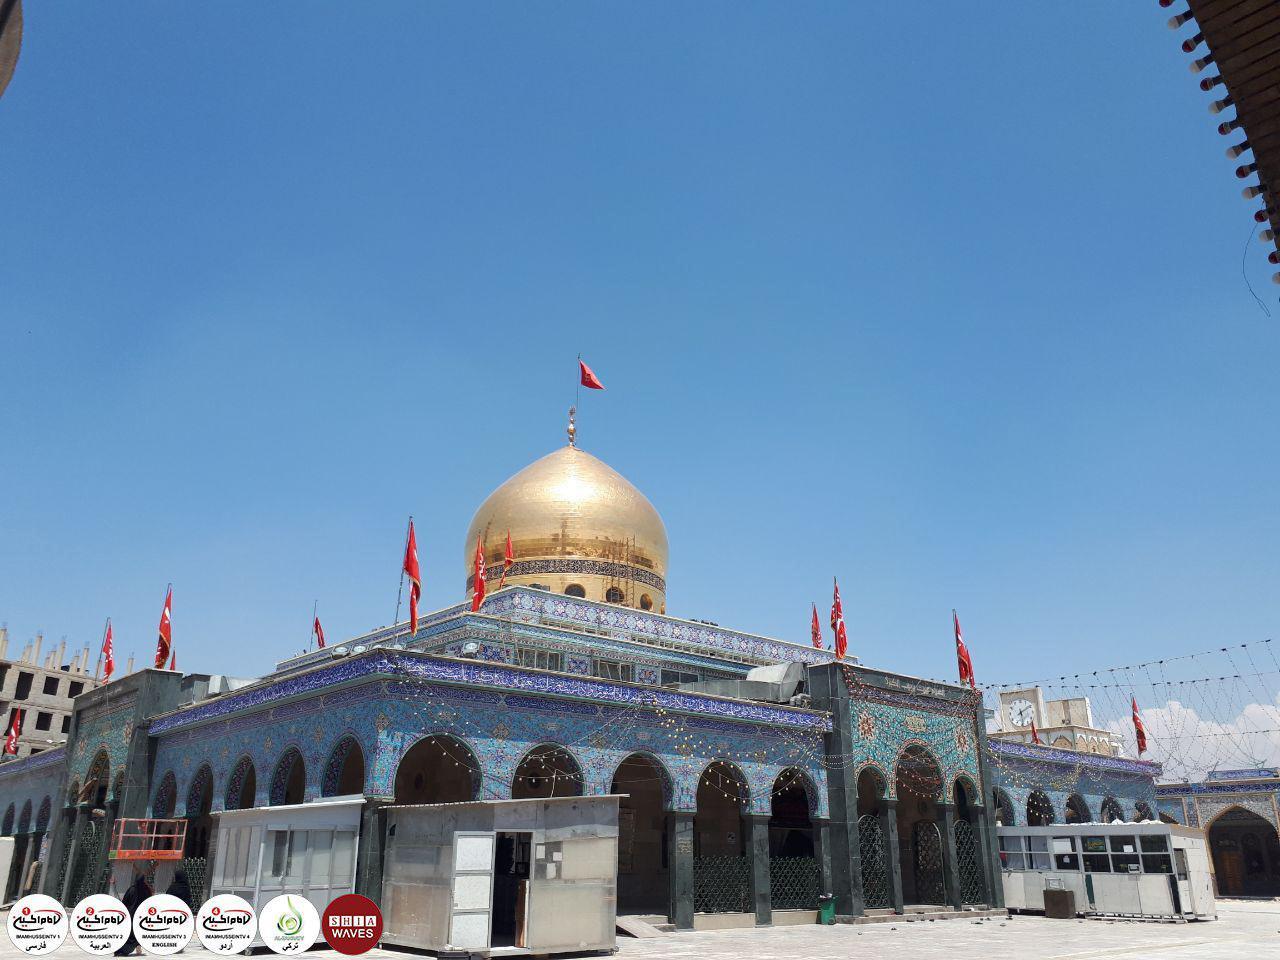 تصویر ادامه بازسازی های مرقد حضرت زینب کبری سلام الله علیها در سوریه